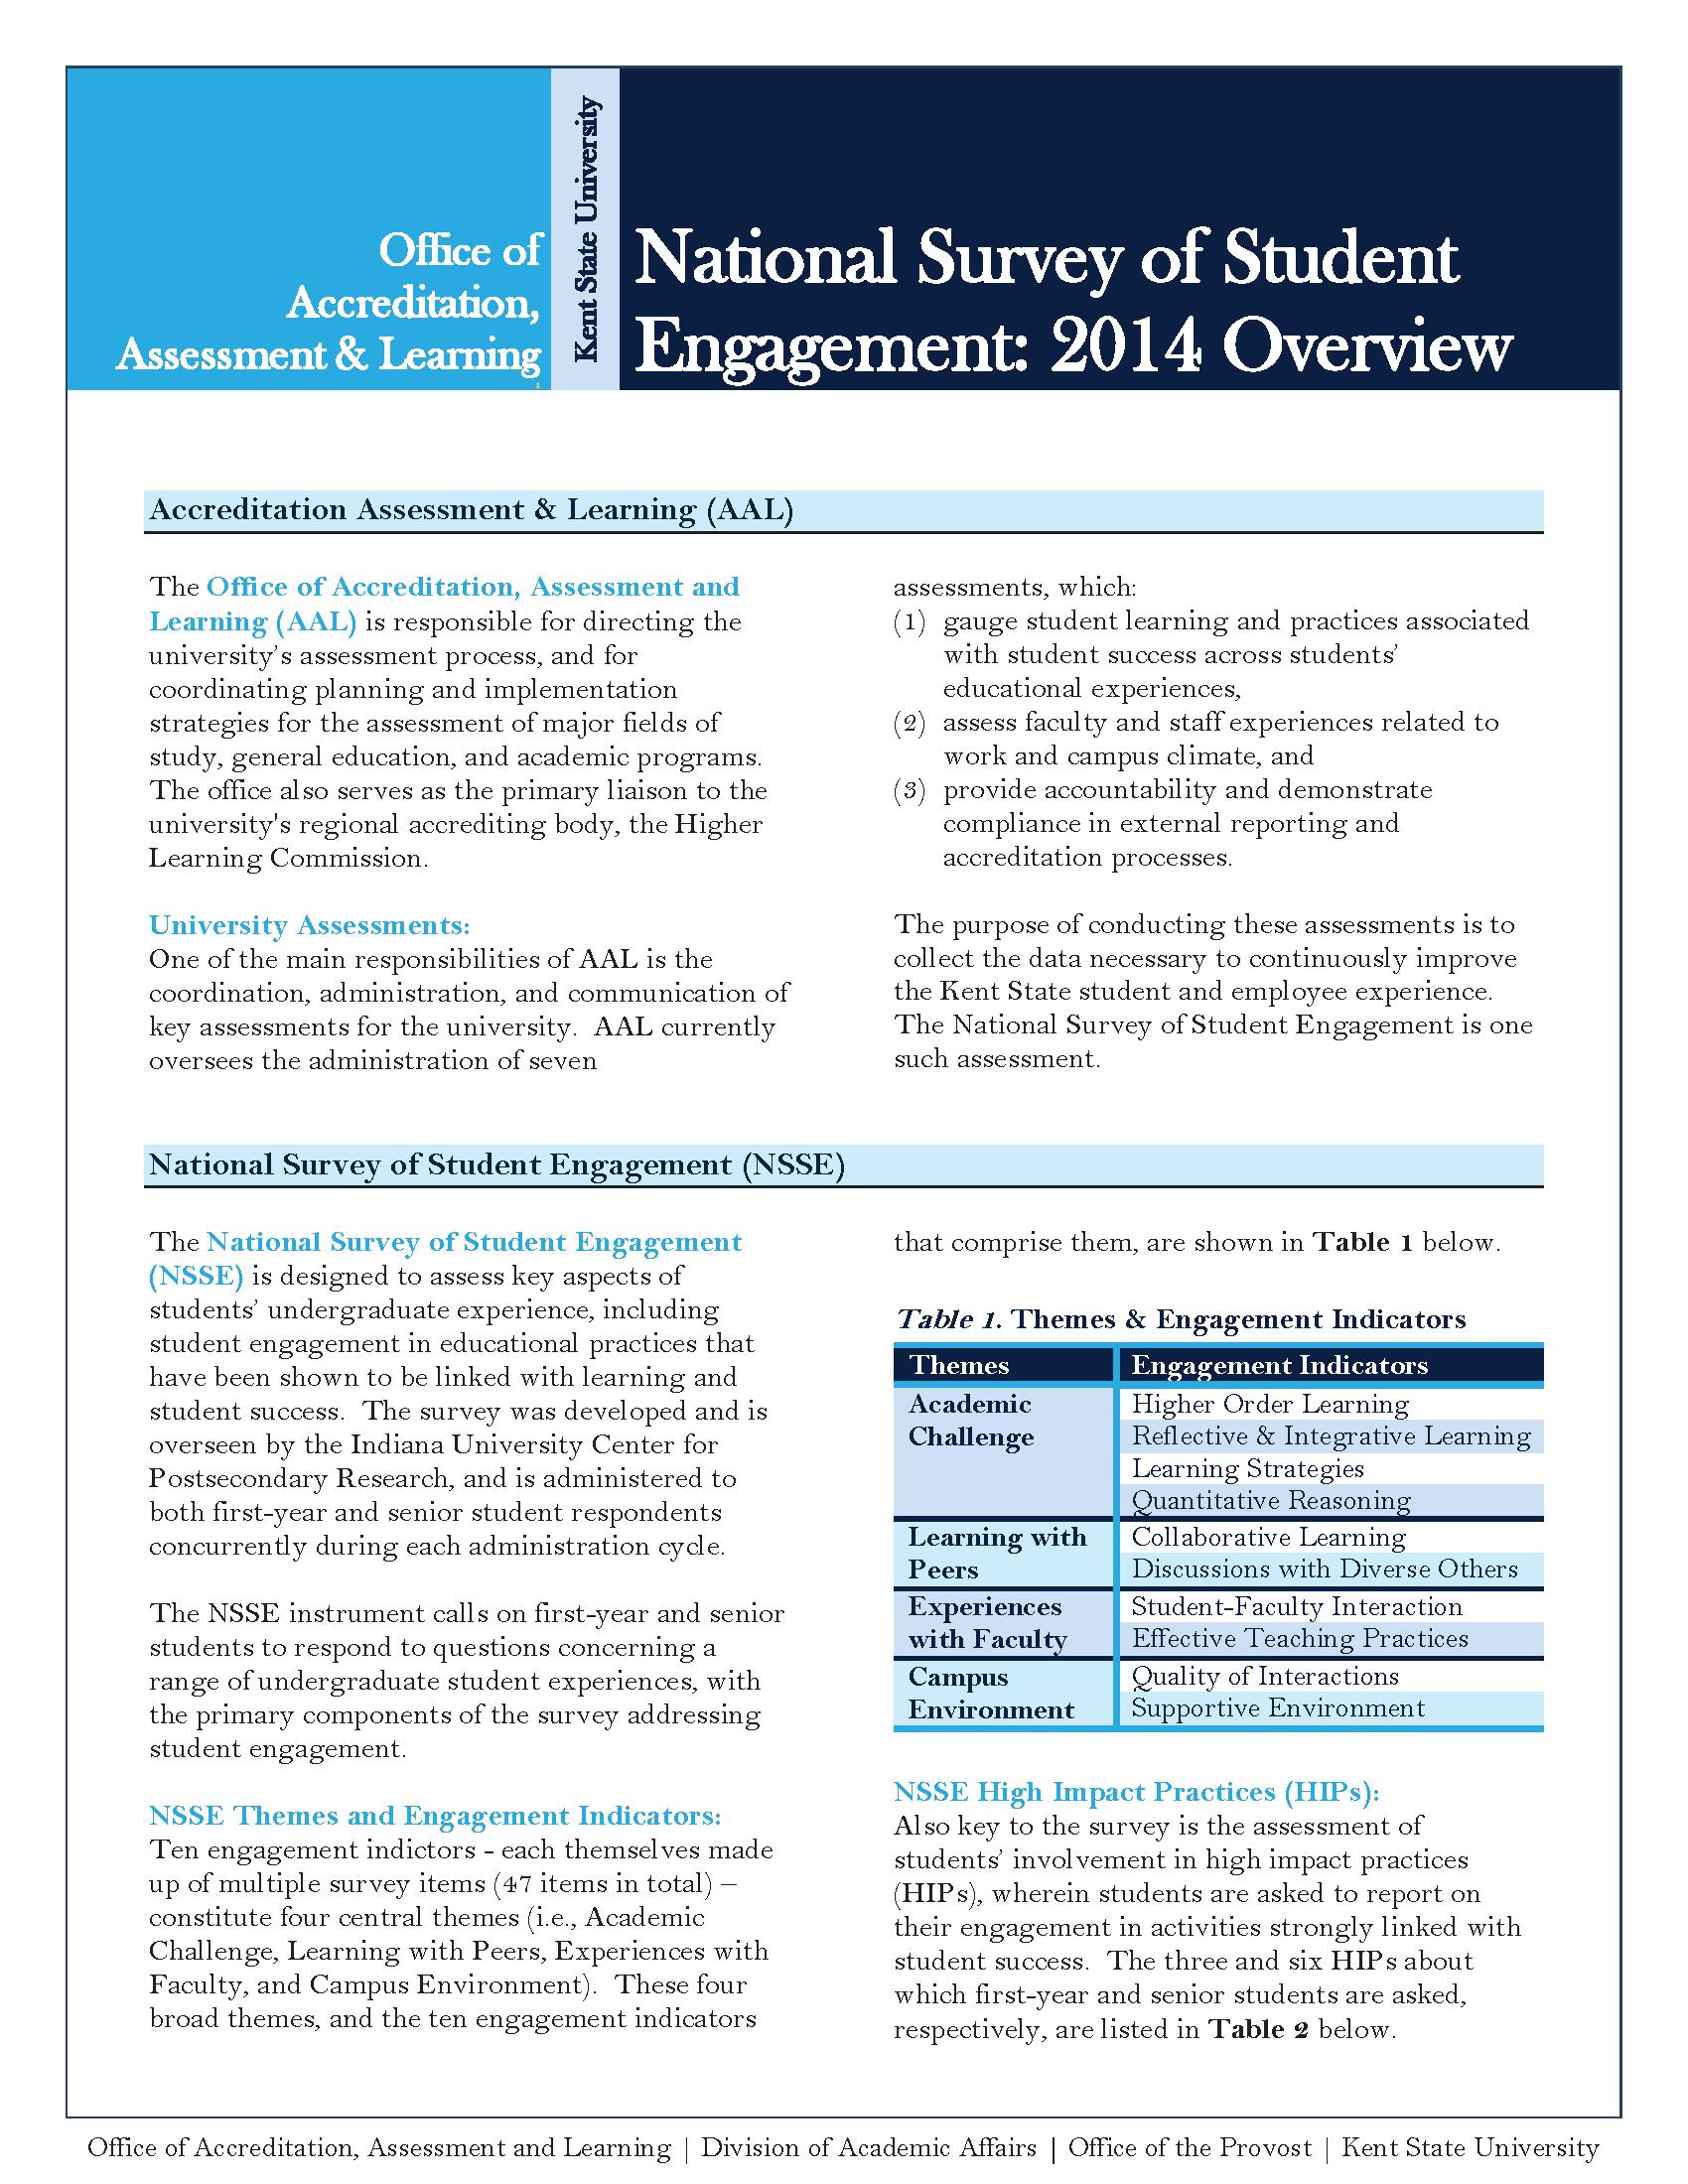 2014 NSSE Findings